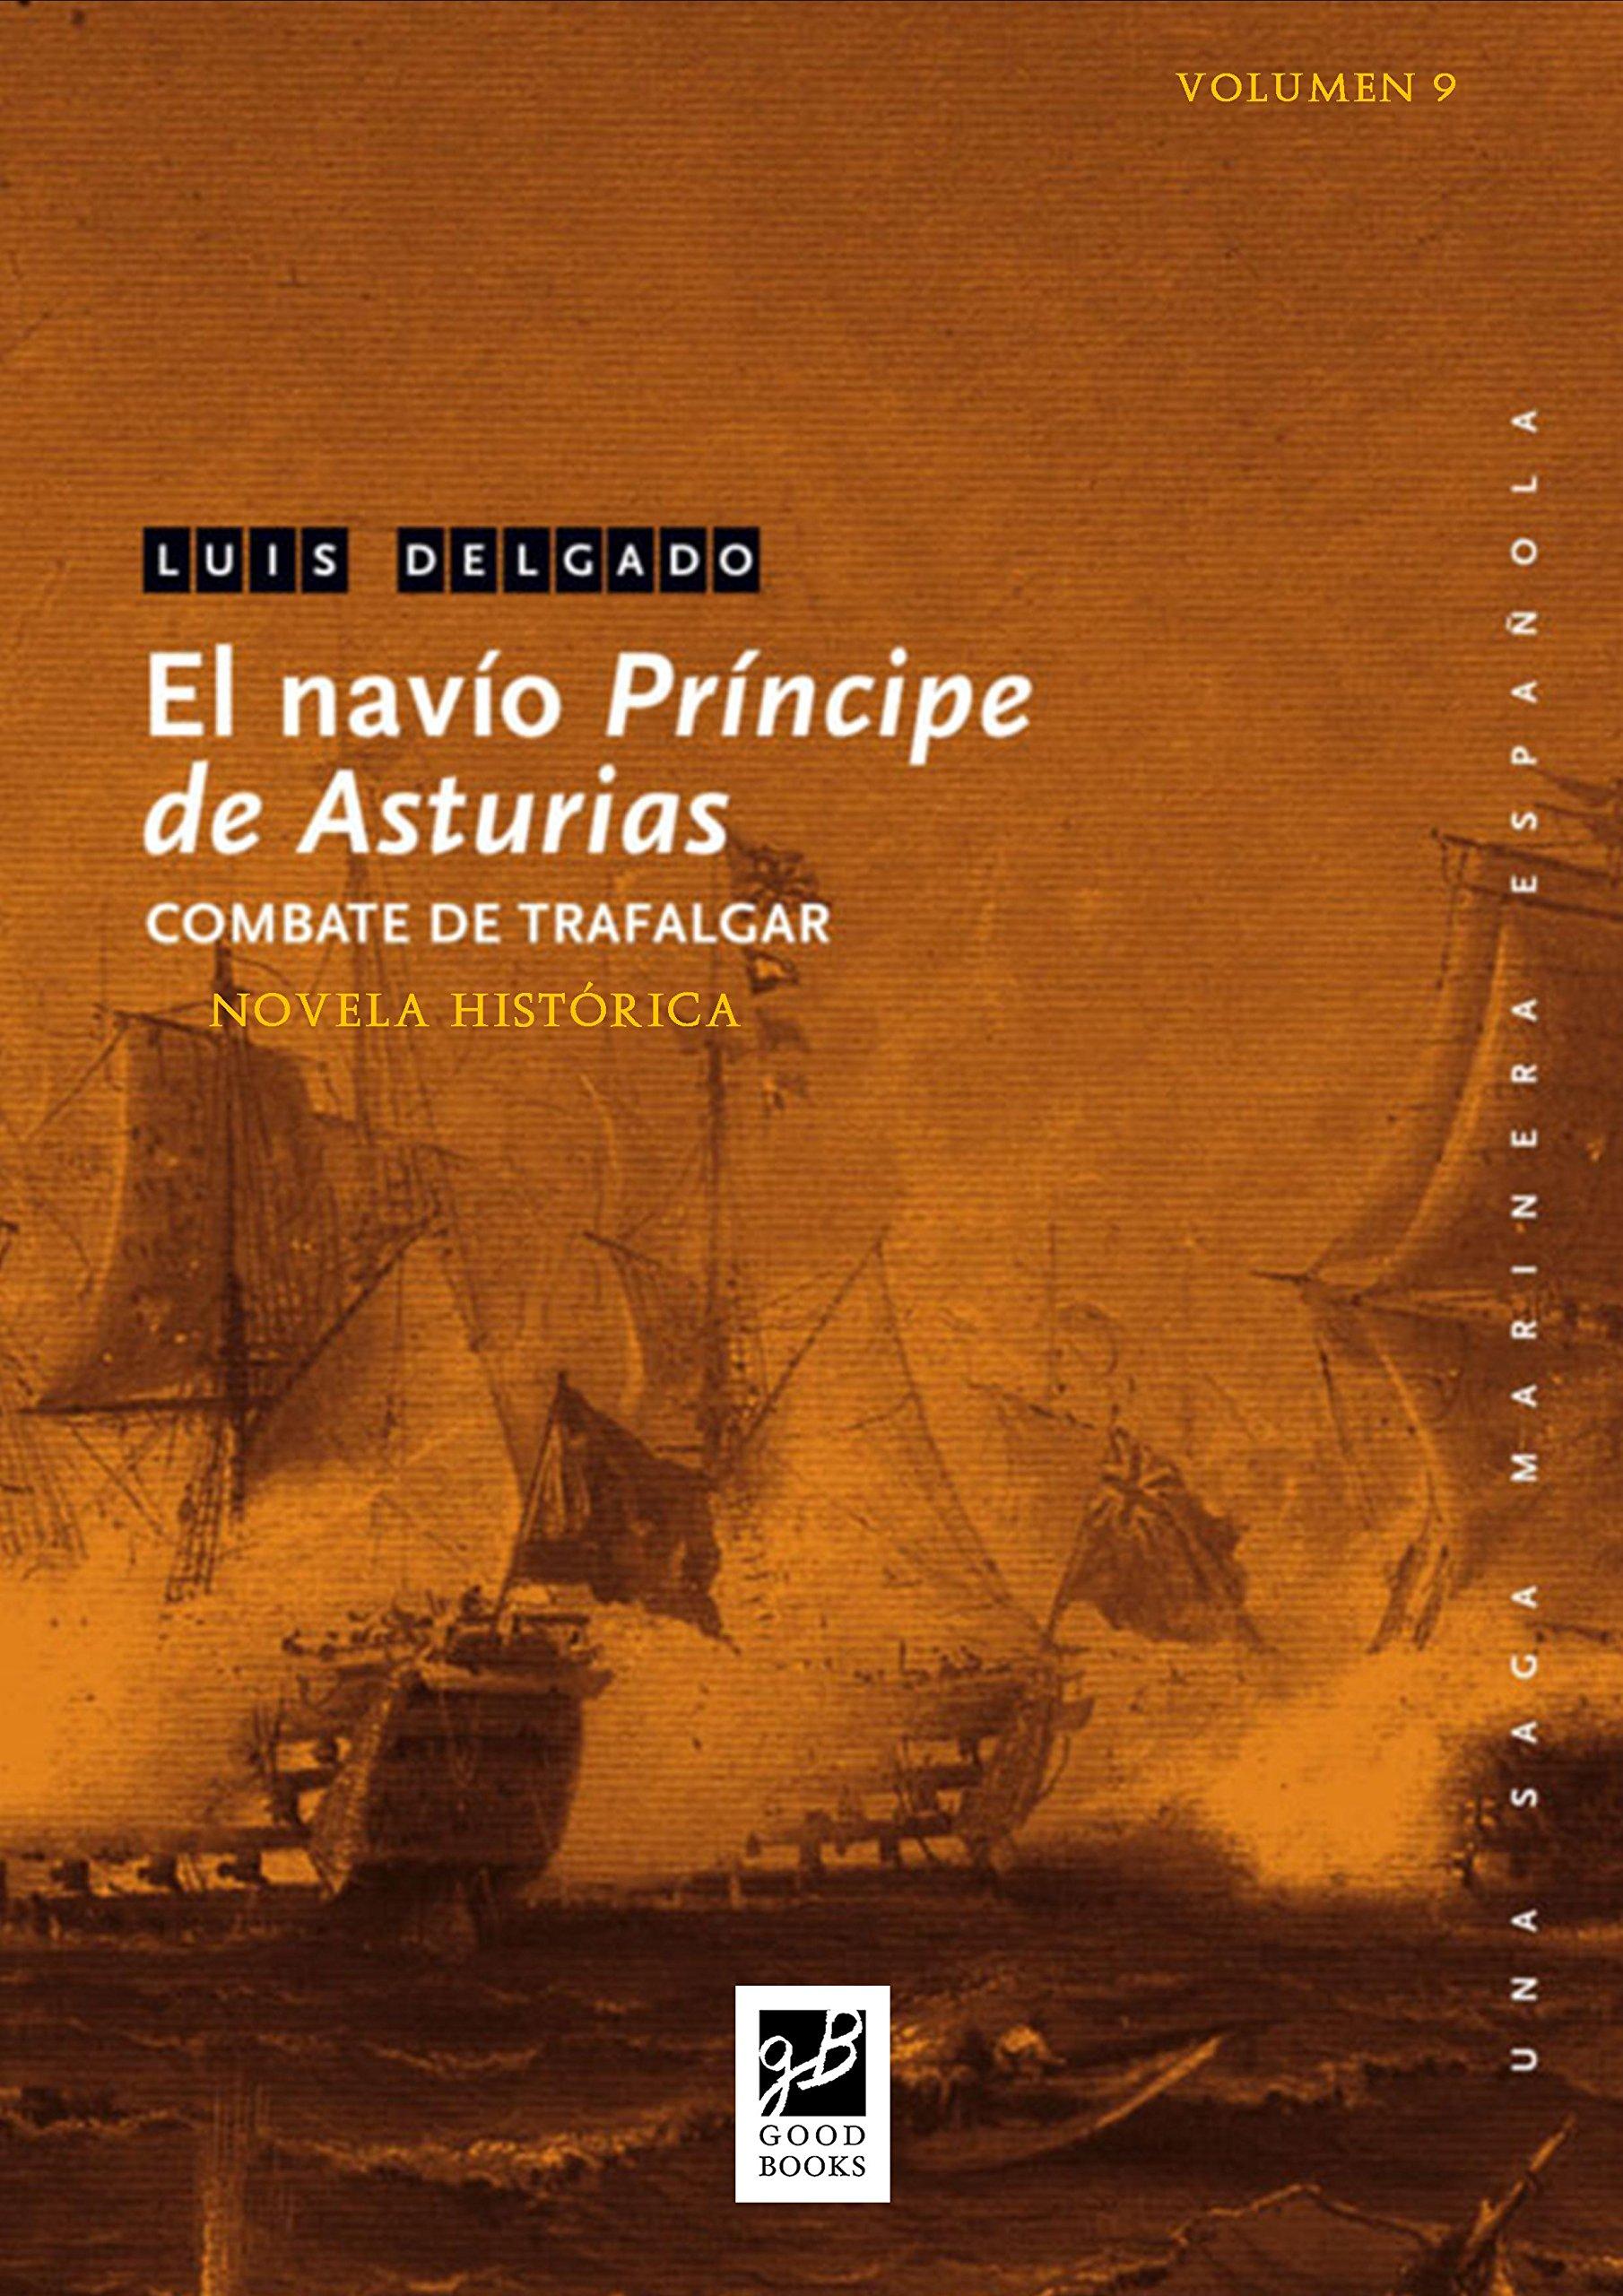 El navío Príncipe de Asturias: Trafalgar (Una saga marinera nº 9)